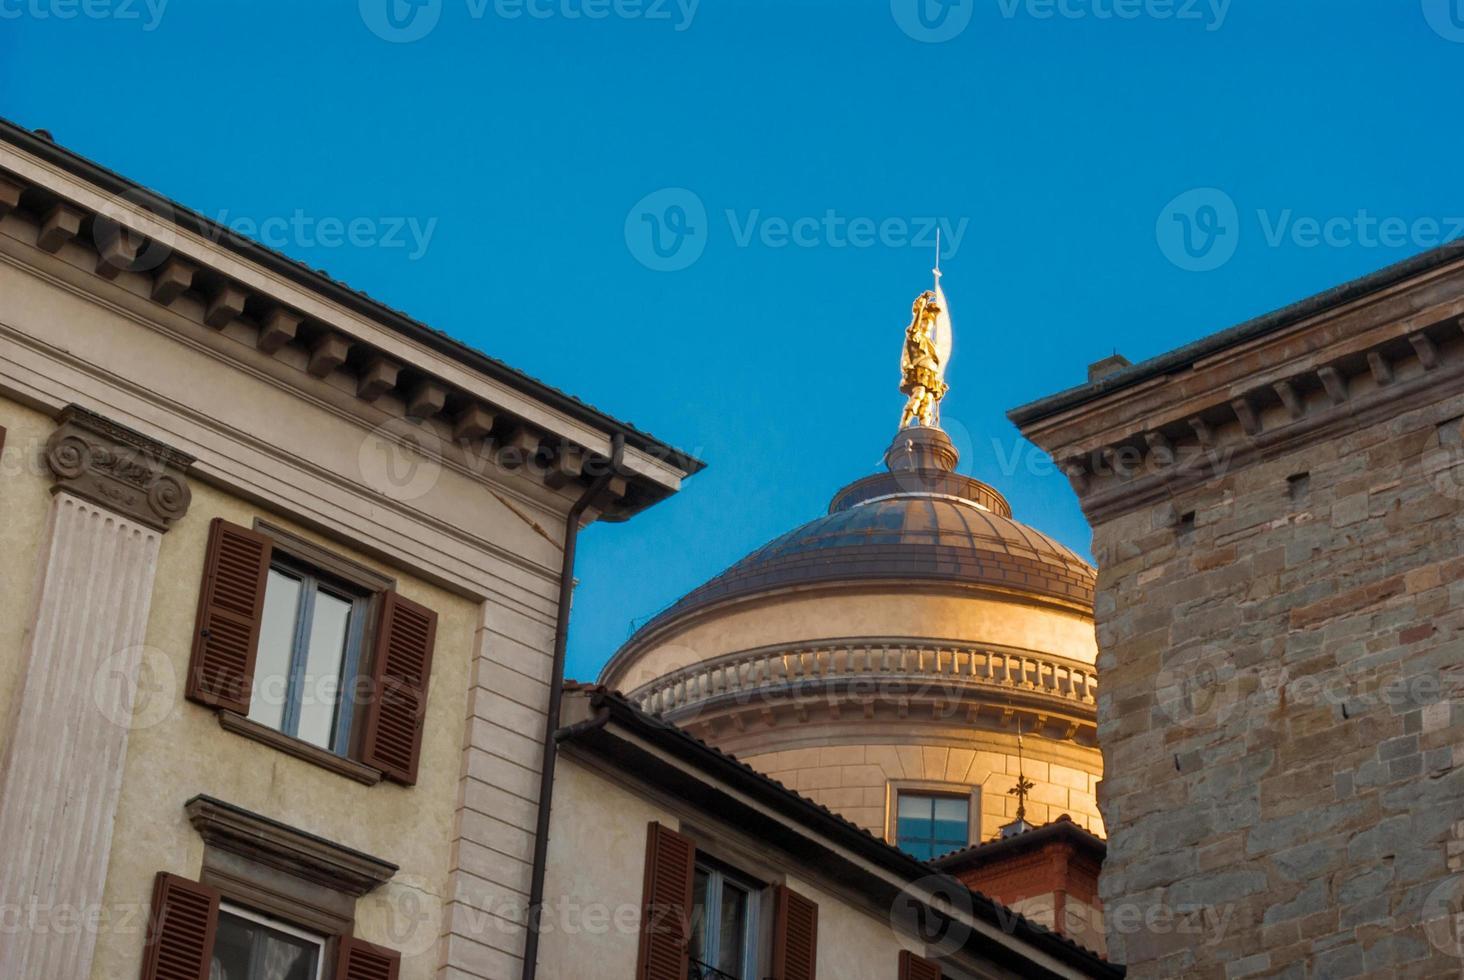 statue dorée photo